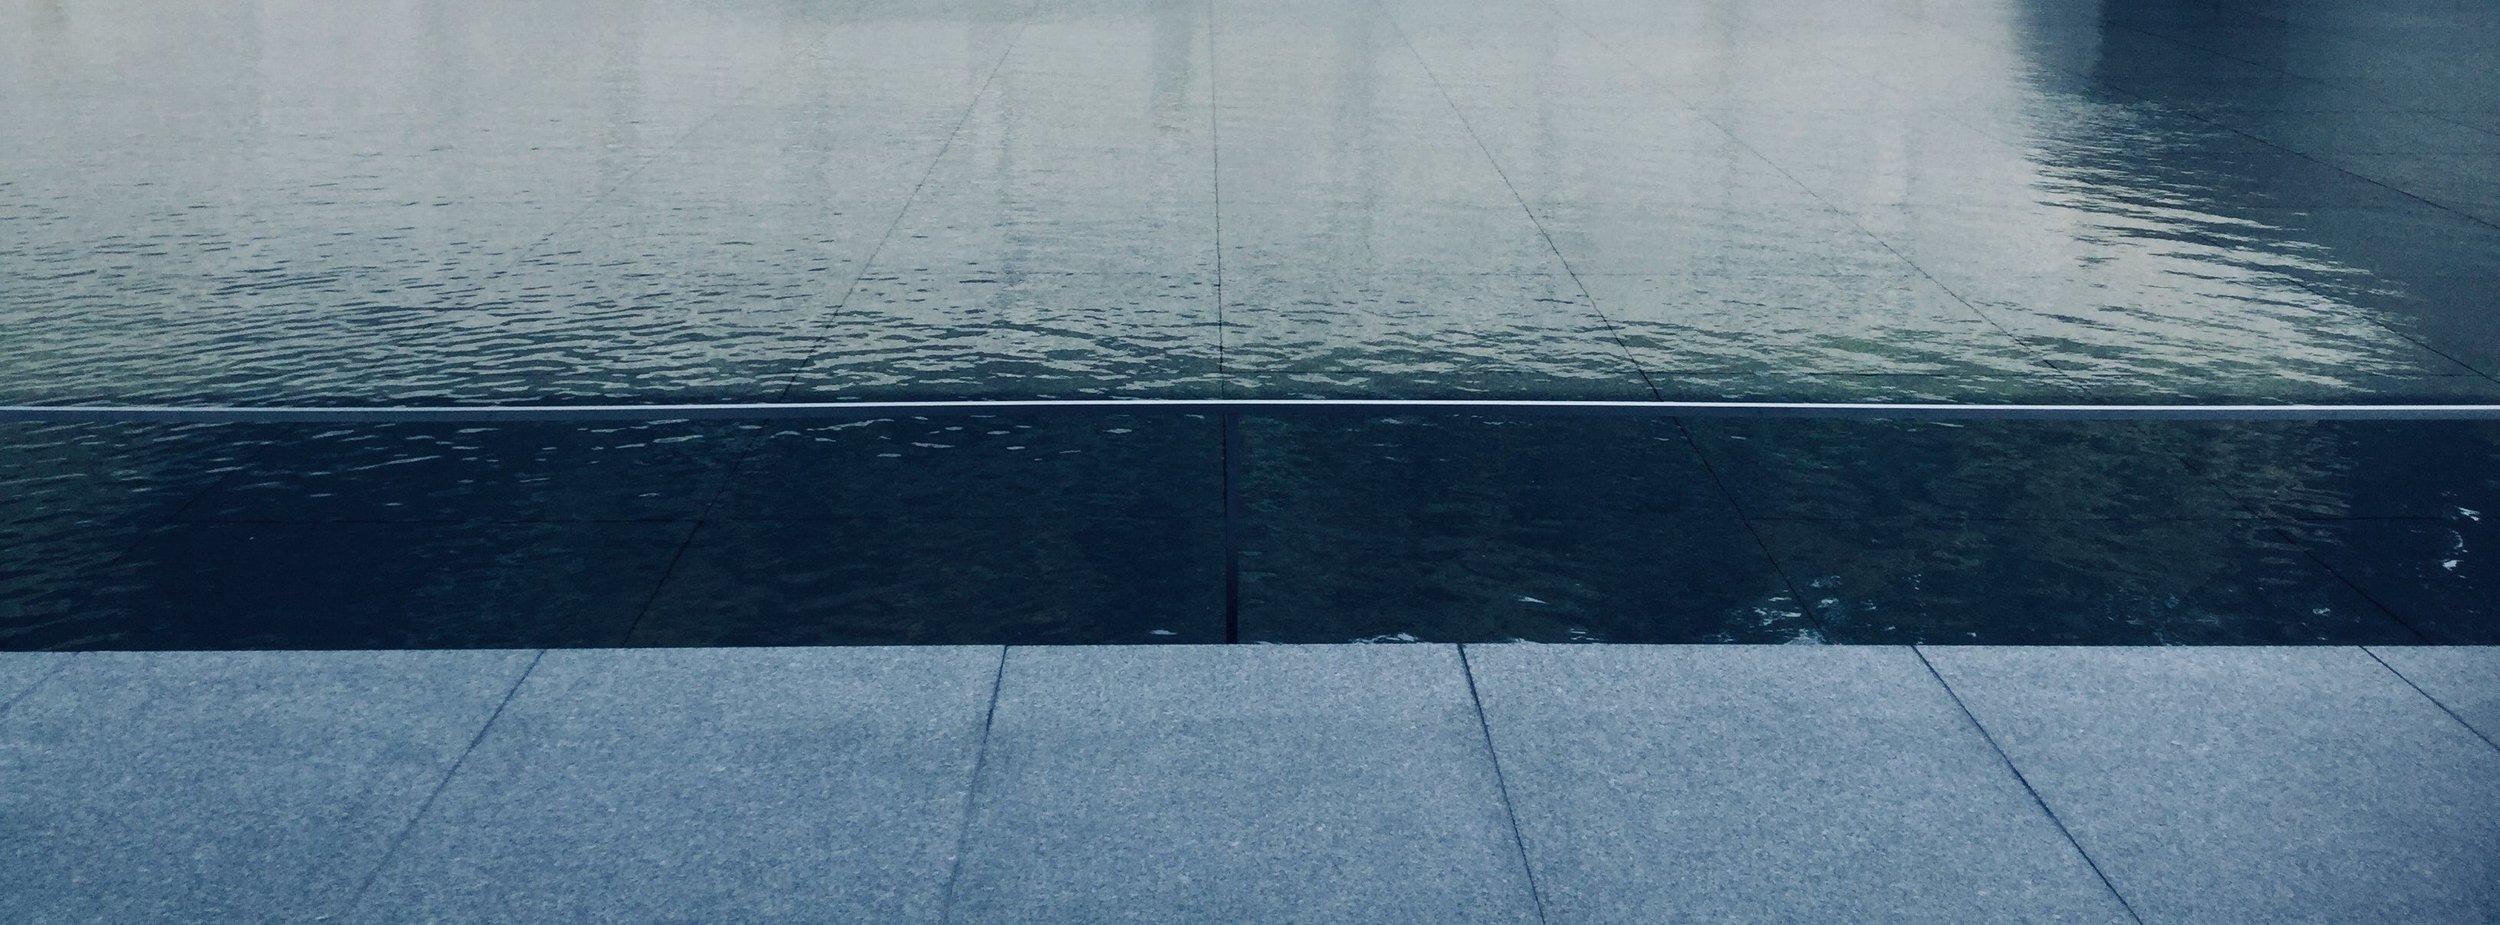 WaterSteam31.jpg